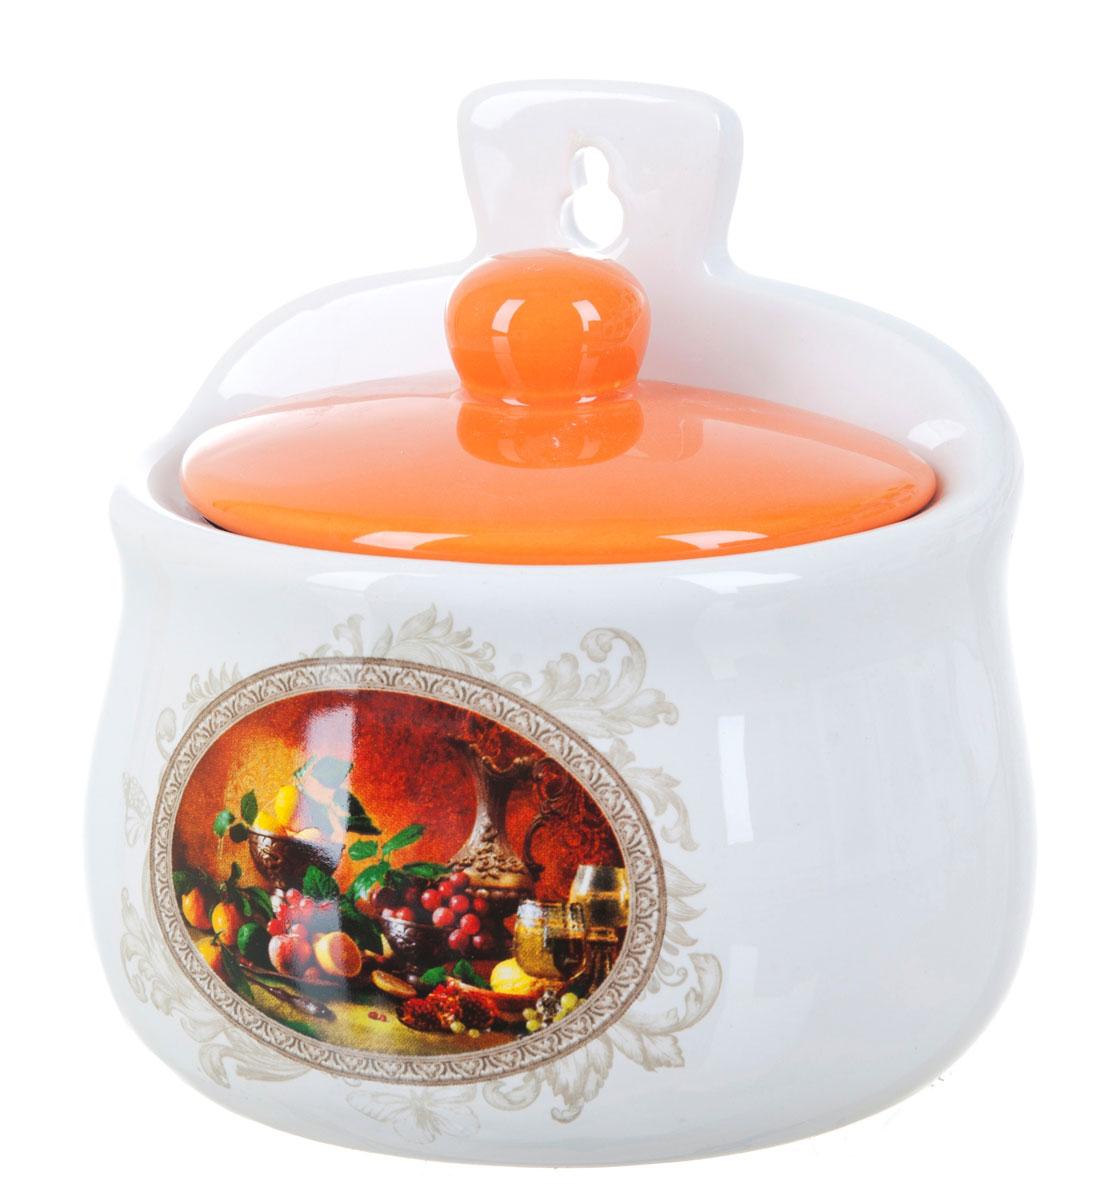 Солонка Polystar Севилья115510Оригинальная солонка Севилья изготовлена из высококачественной керамики. Изделие имеет отверстие для подвешивания. Солонка украсит любую кухню и подчеркнет прекрасный вкус хозяина.